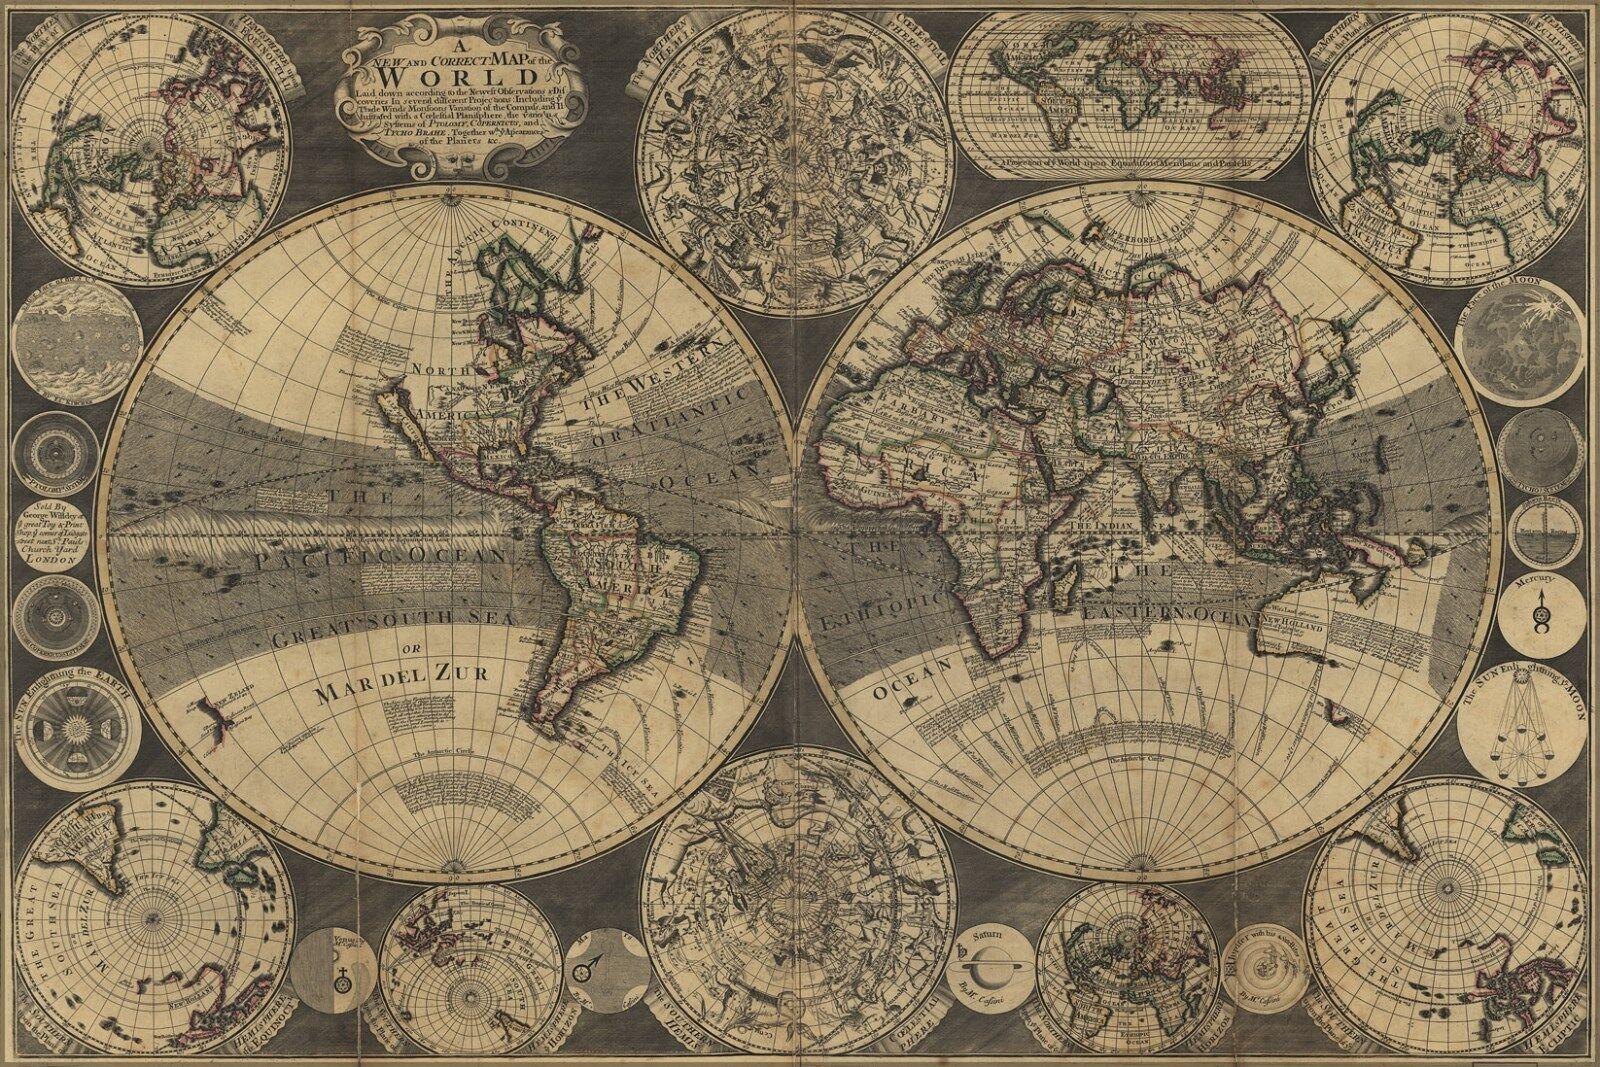 Plakat, Viele Größen; Neu und Korrigieren Weltkarte 1702